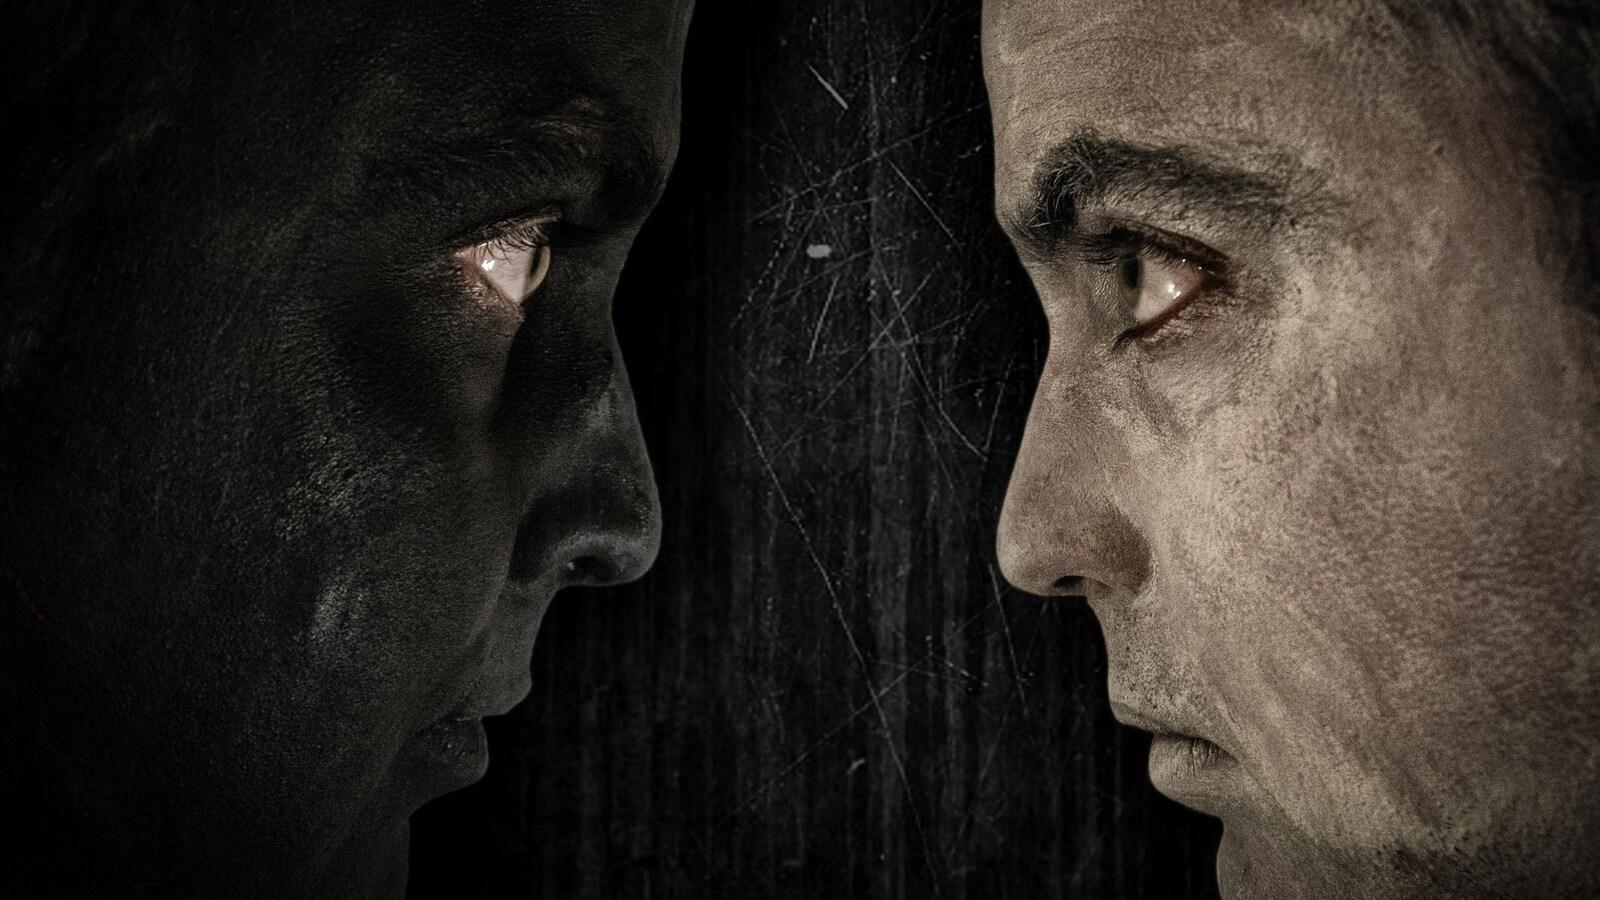 Un homme, deux visages.